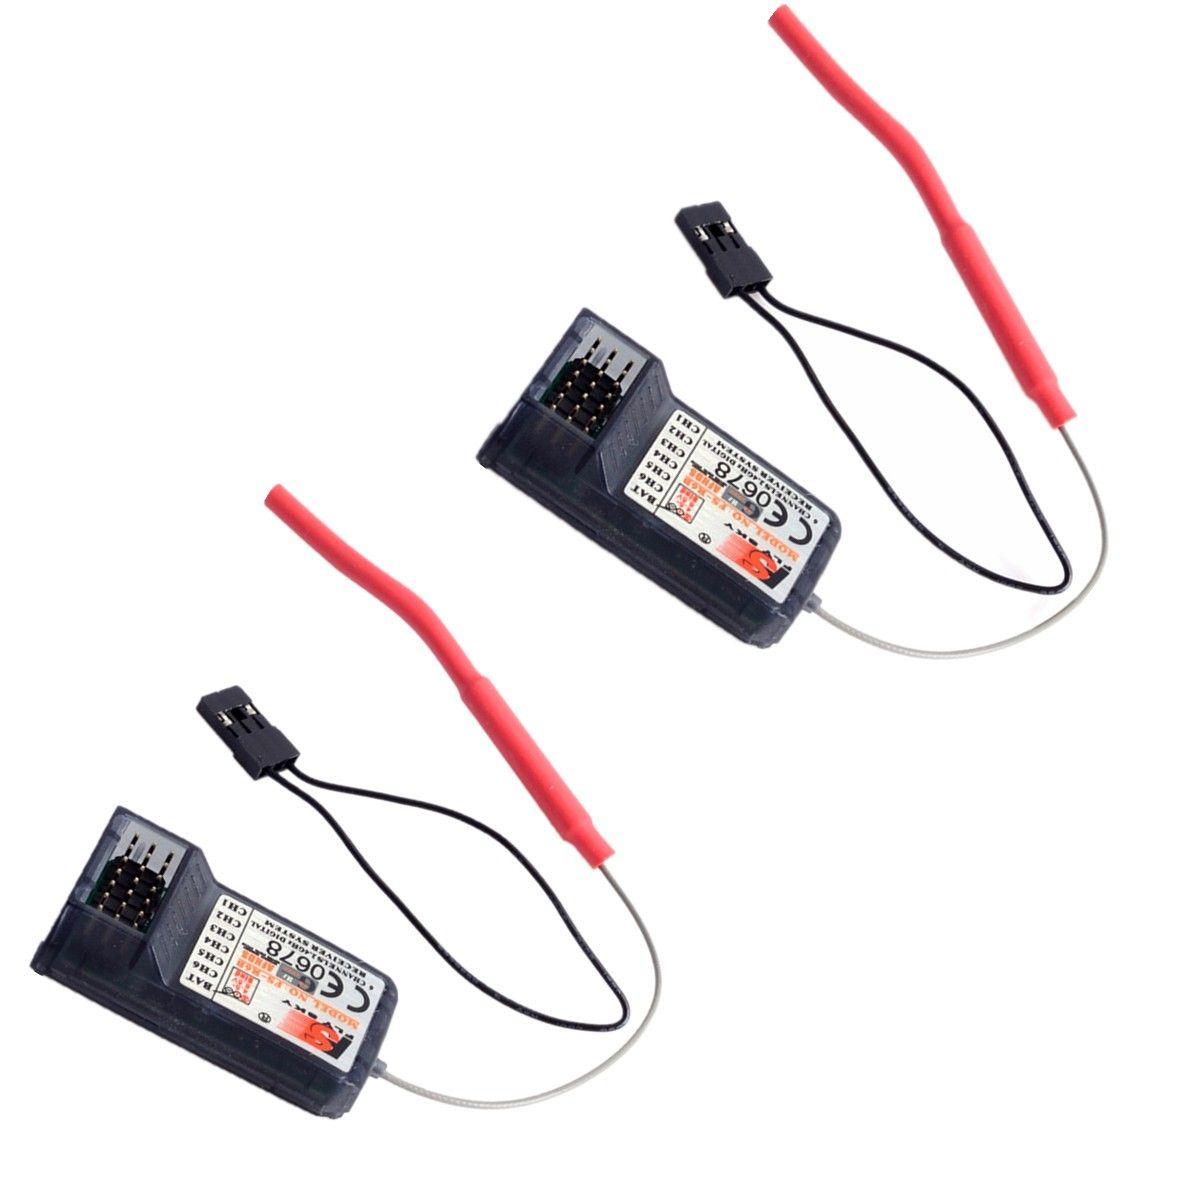 2pcs FS-R6B FlySky 2.4Ghz 6CH FS R6B Receiver For RC FS-CT6B FlySky TH9x i6 i10 T6 CT6B